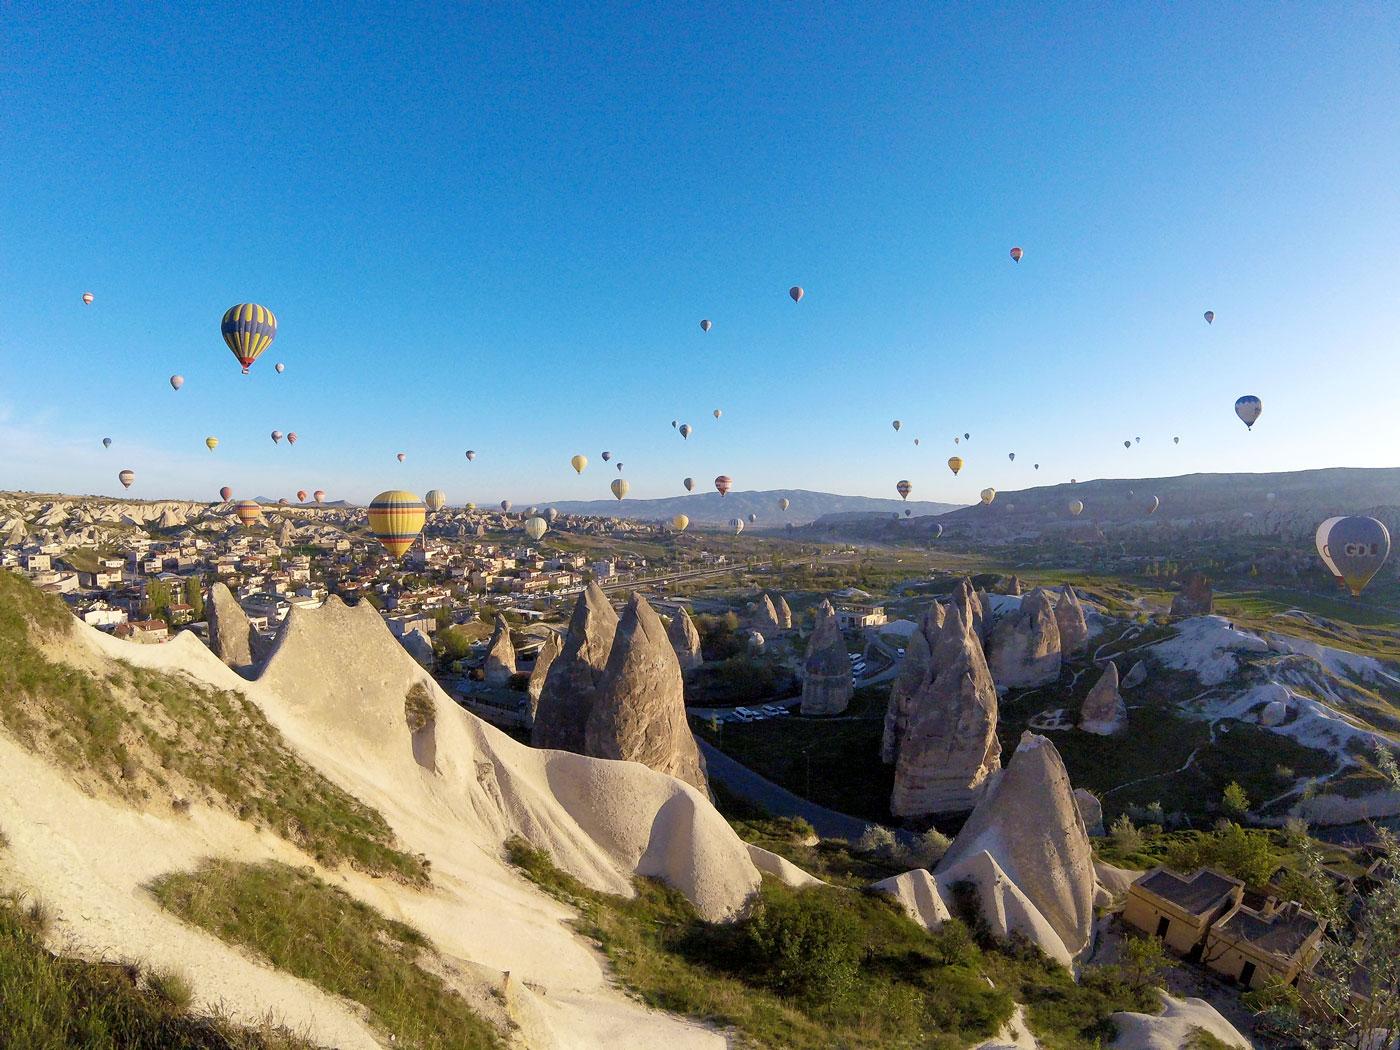 La Turquie à vélo, les montgolfières à Göreme. Cycling Turquey, hot air balloons at Göreme.